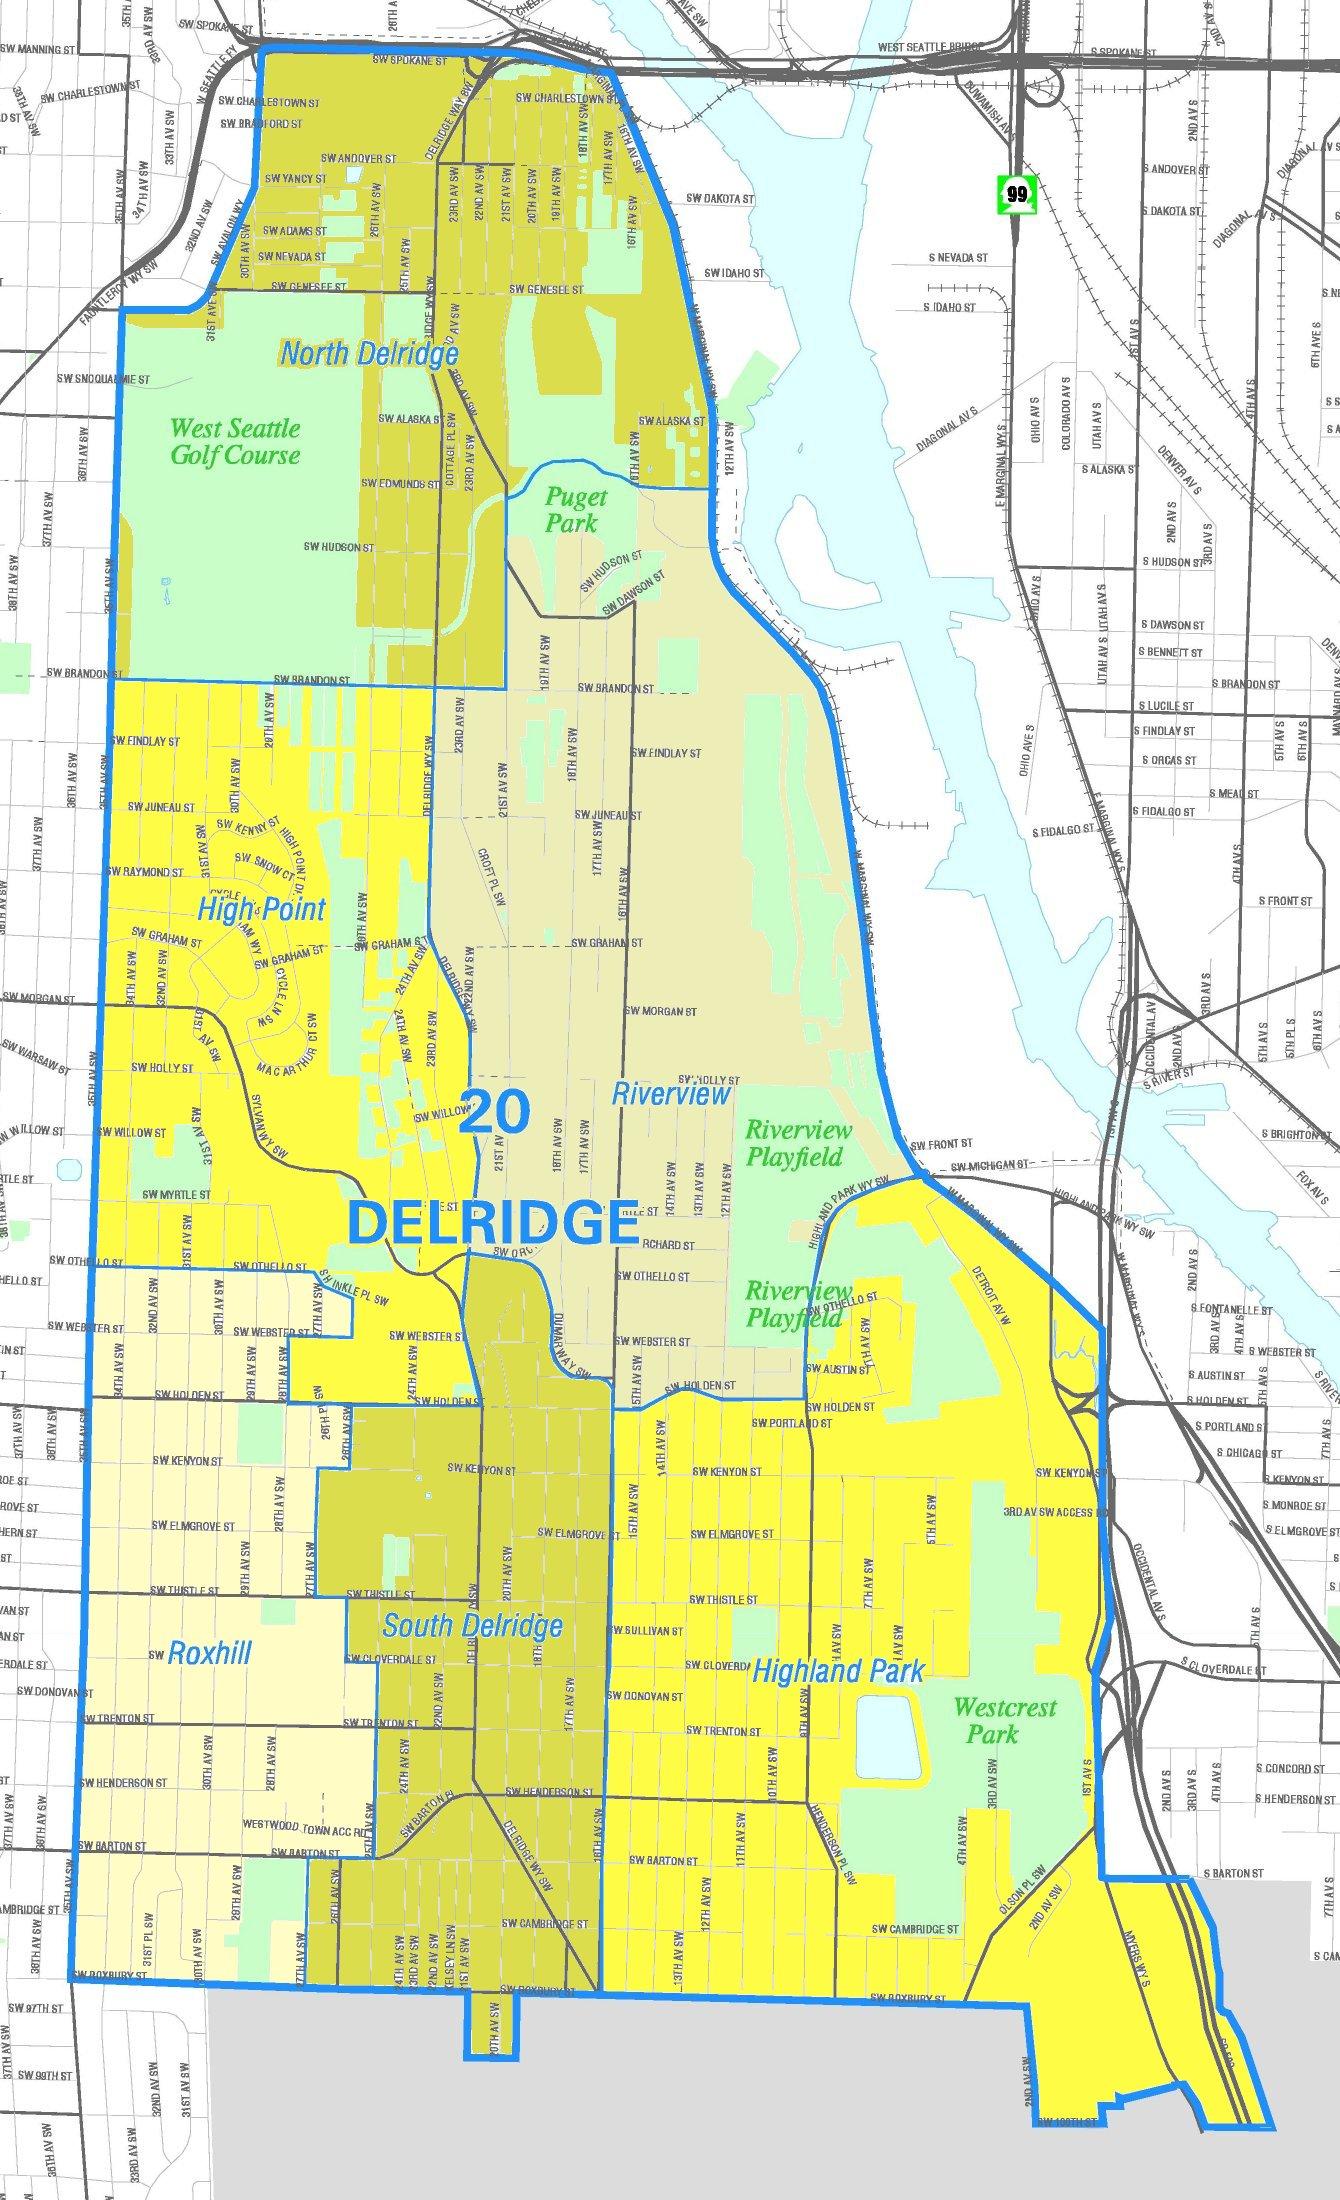 FileSeattle Delridge mapjpg Wikimedia Commons